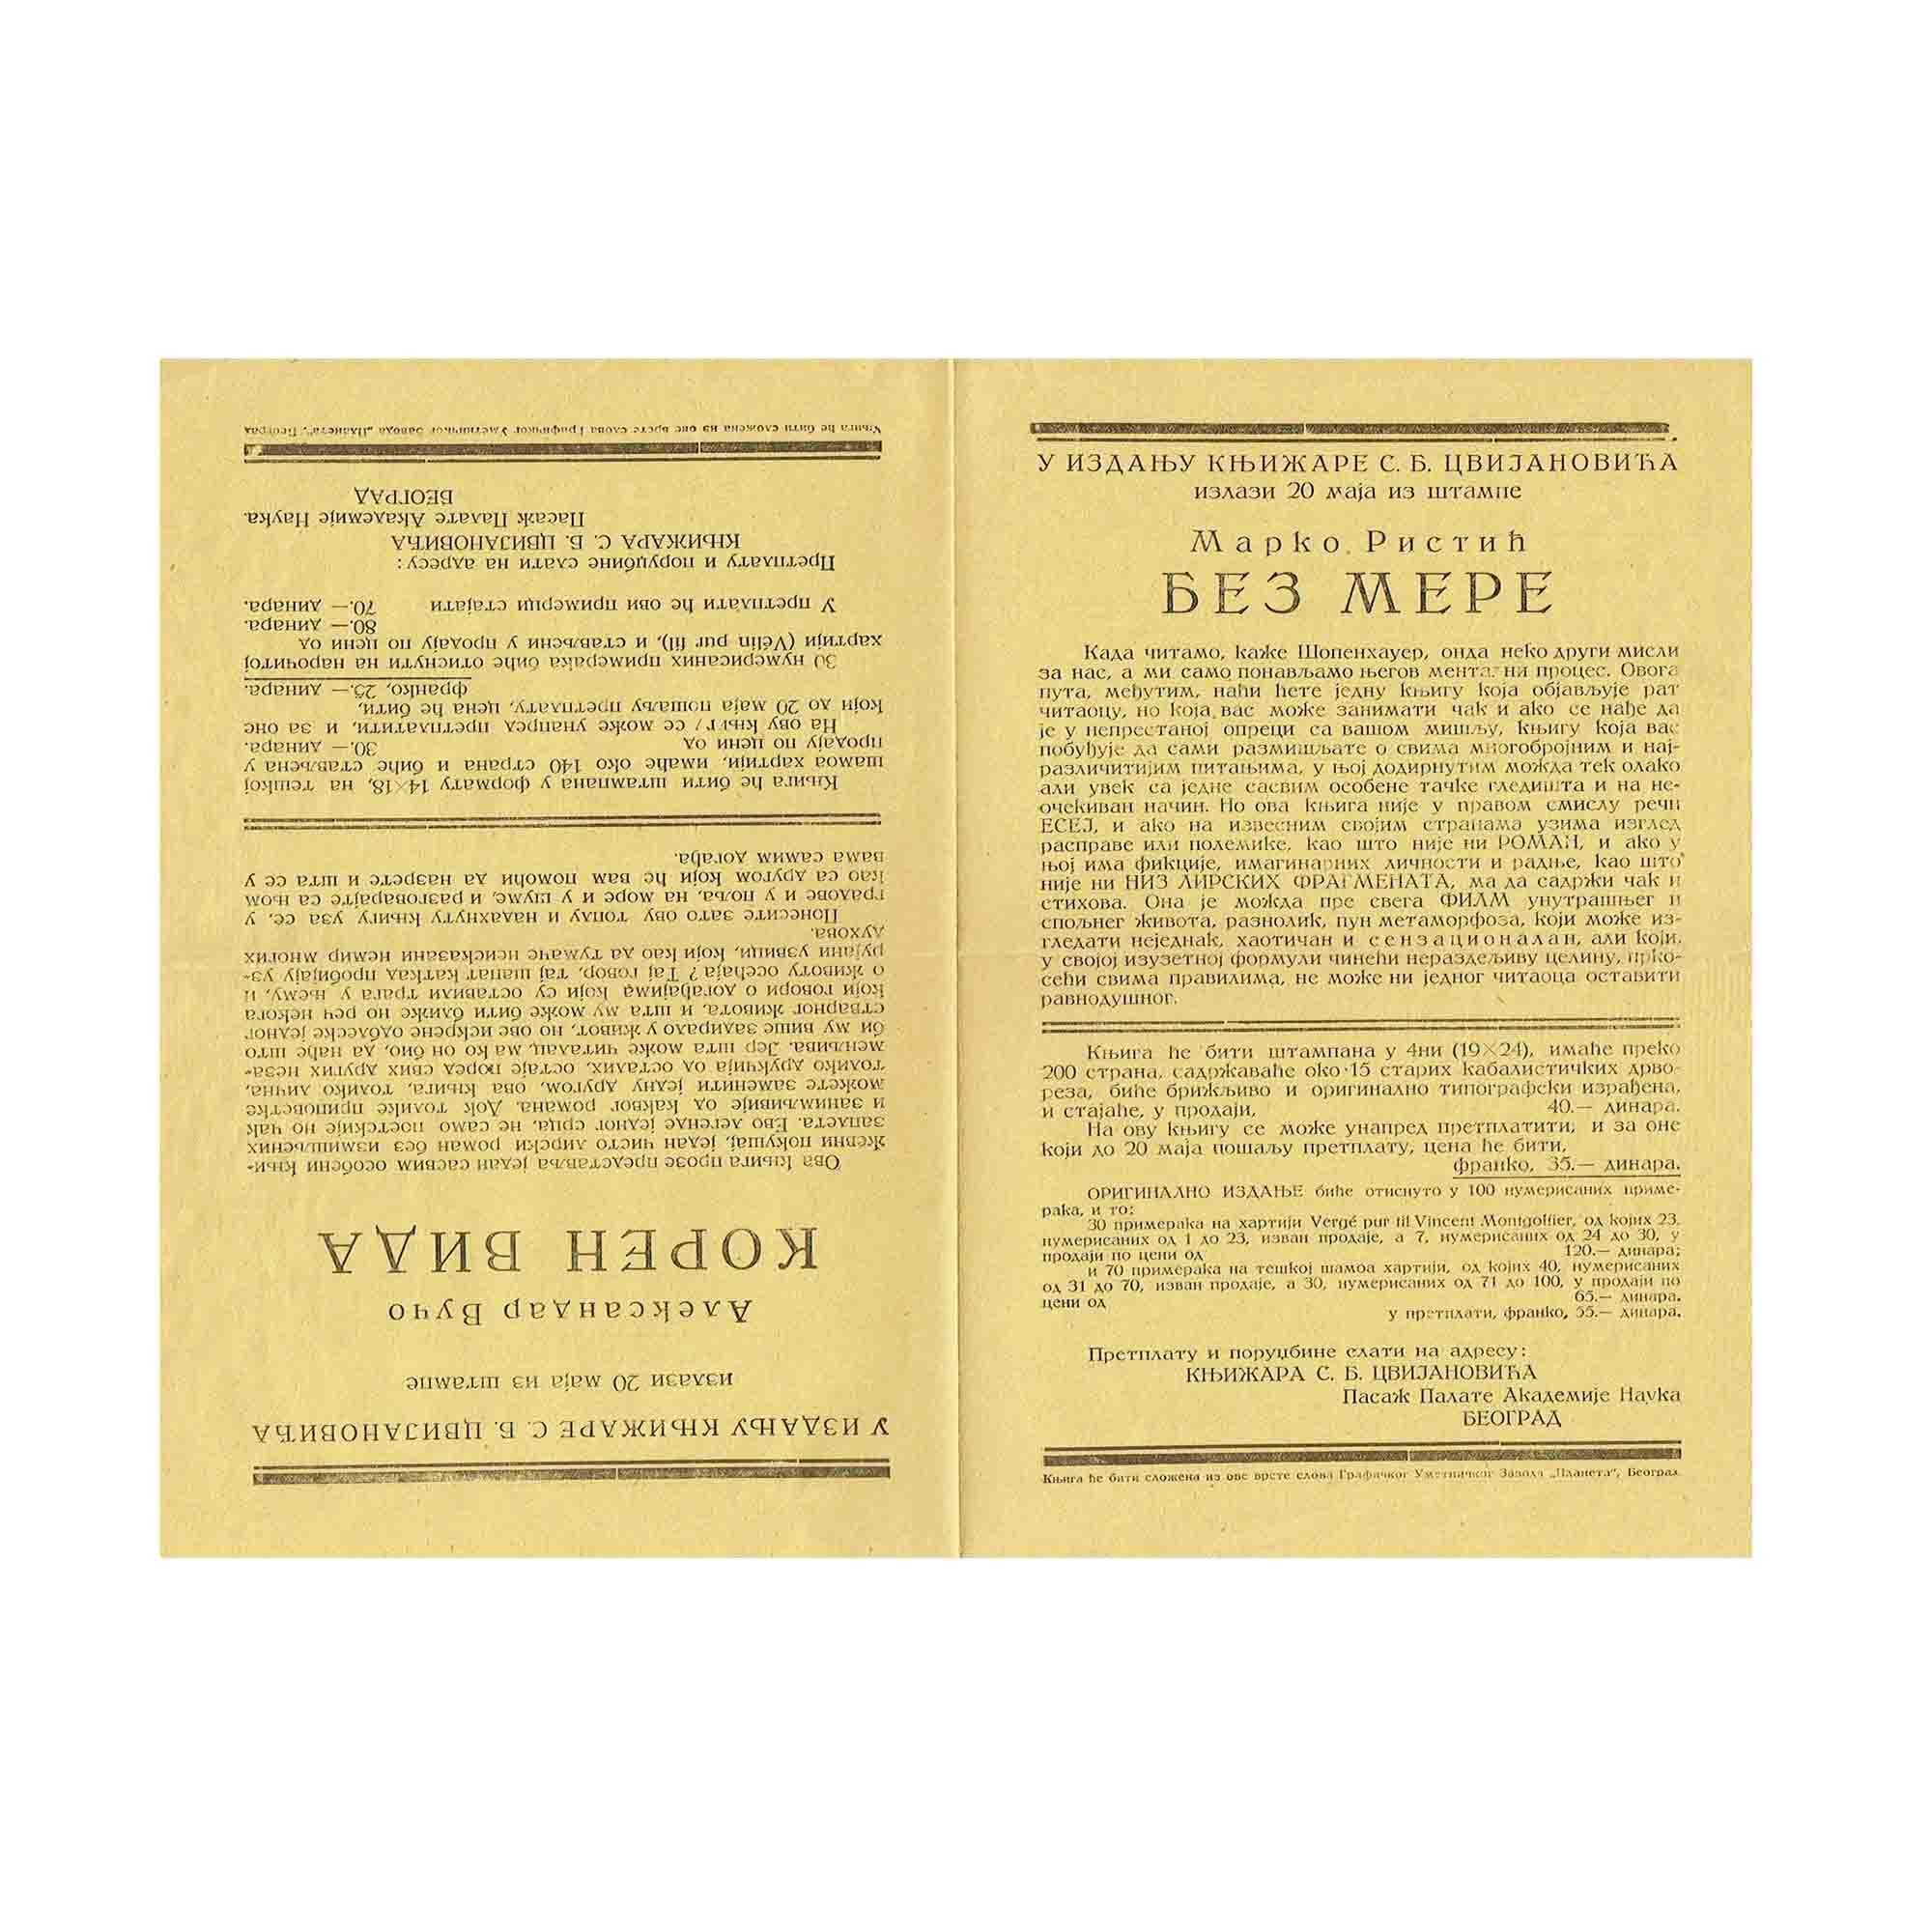 5319-Werbeblatt-Cvijanovic-Ristic-Vuco-Bez-Mere-Koren-Vida-1928-N.jpg